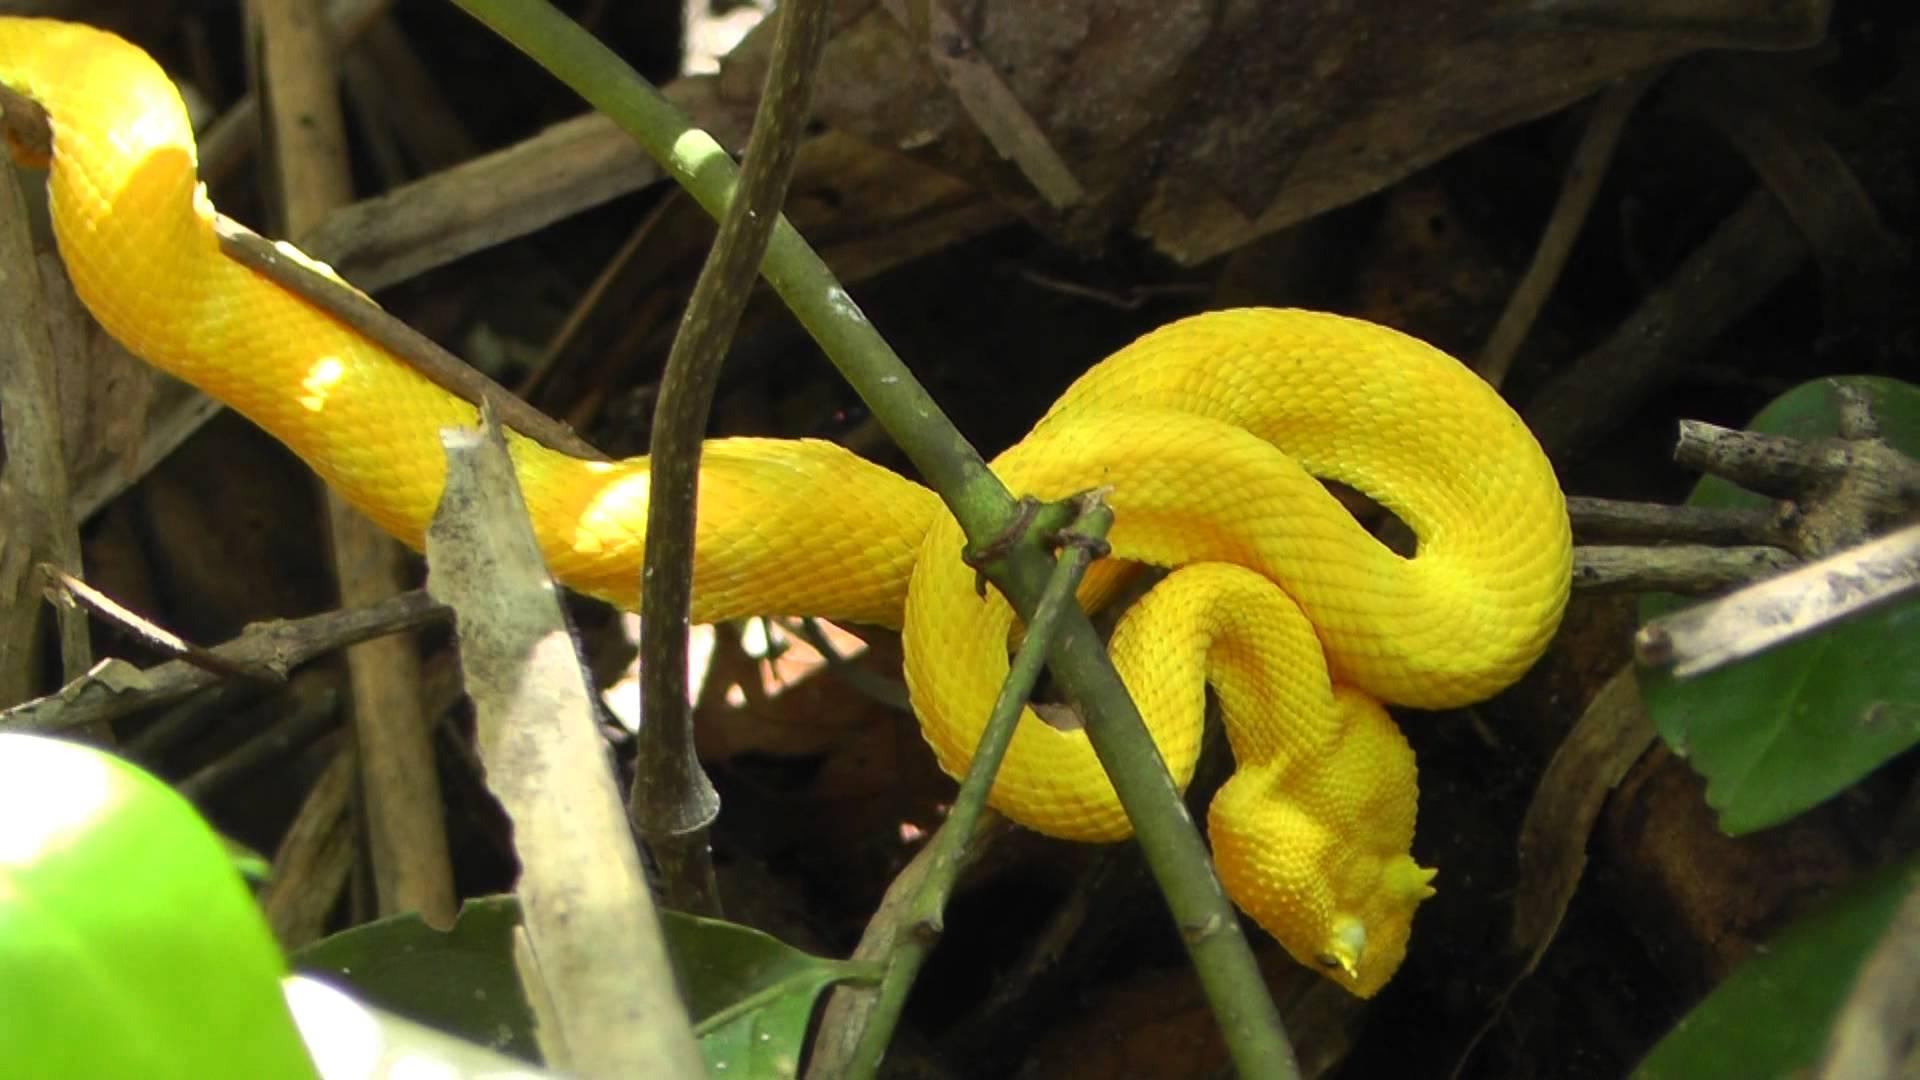 Snakes Viper Wallpaper 1920x1080 1167795 Wallpaperup